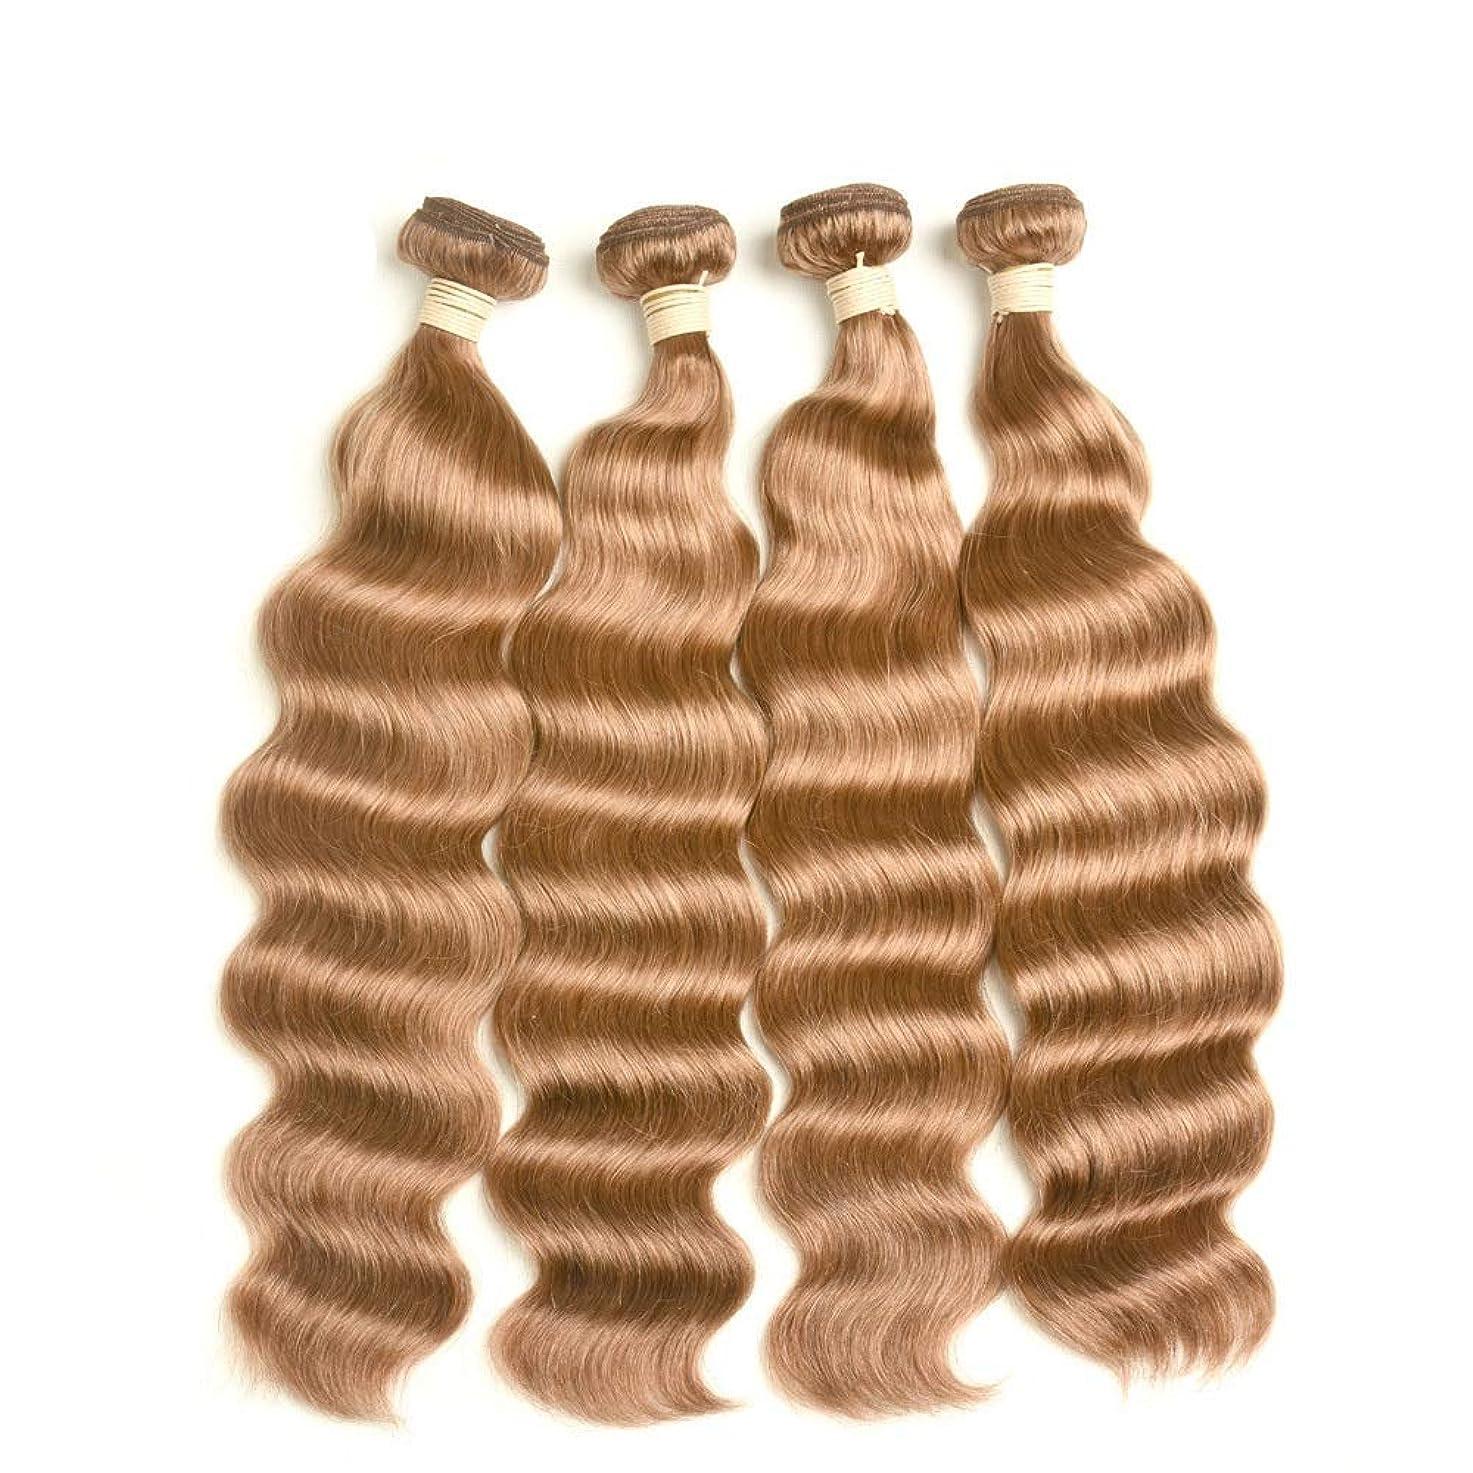 コンパイルセイはさておき悪因子HOHYLLYA ブラジルの髪の束自然オーシャンウェーブヘア1バンドル、本物の人間の髪の毛#30明るい茶色(1バンドル、10-28インチ、100g)女性用合成かつらレースかつらロールプレイングかつら (色 : ブラウン, サイズ : 26 inch)